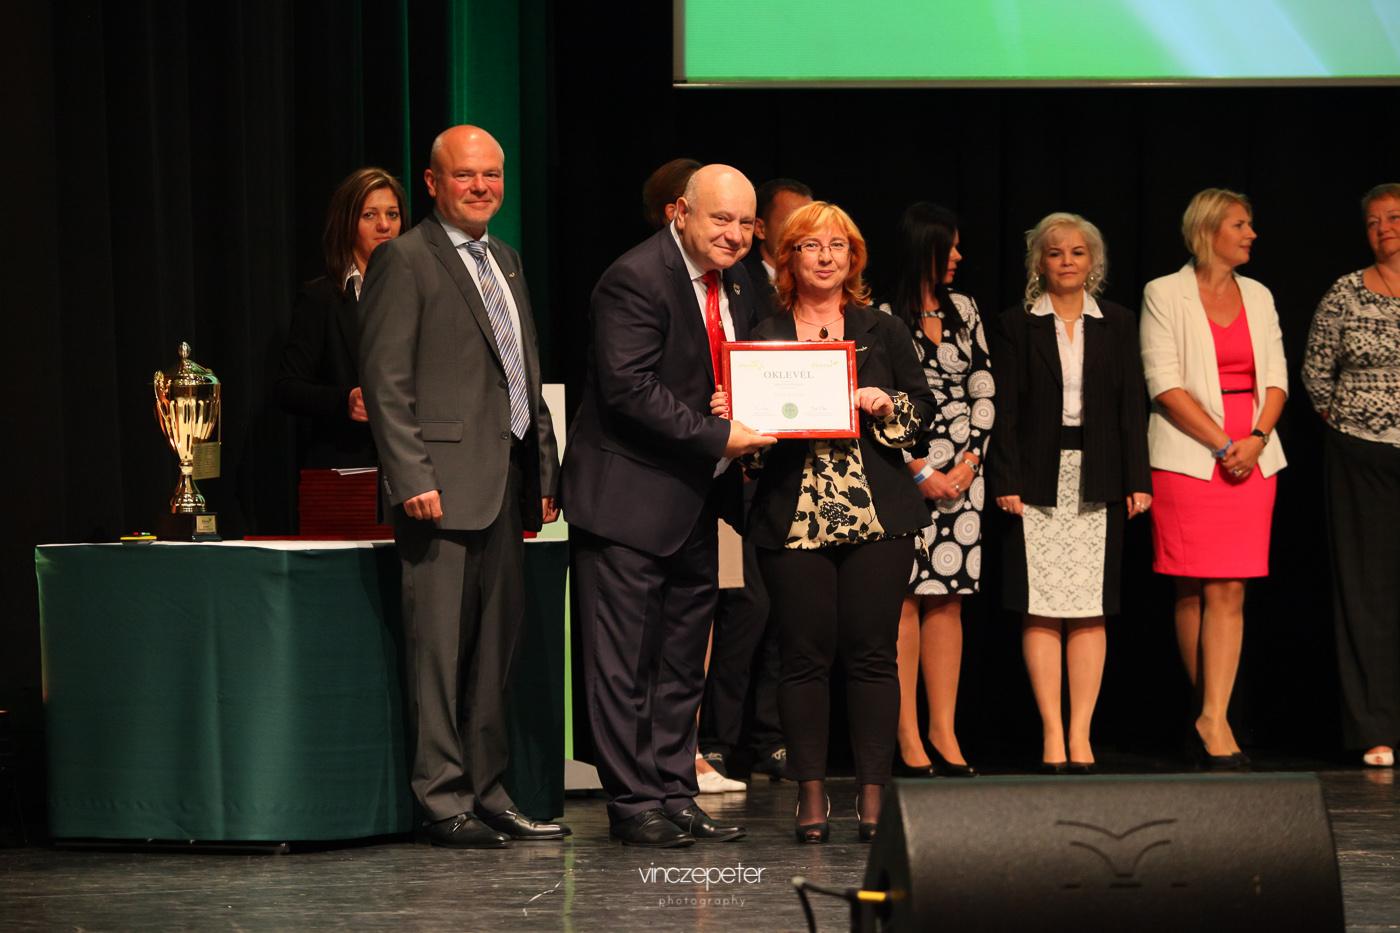 A hálózatvezetői oklevéllel, amihez Lőrincz János Gyémánt Hálózatigazgató gratulált neki